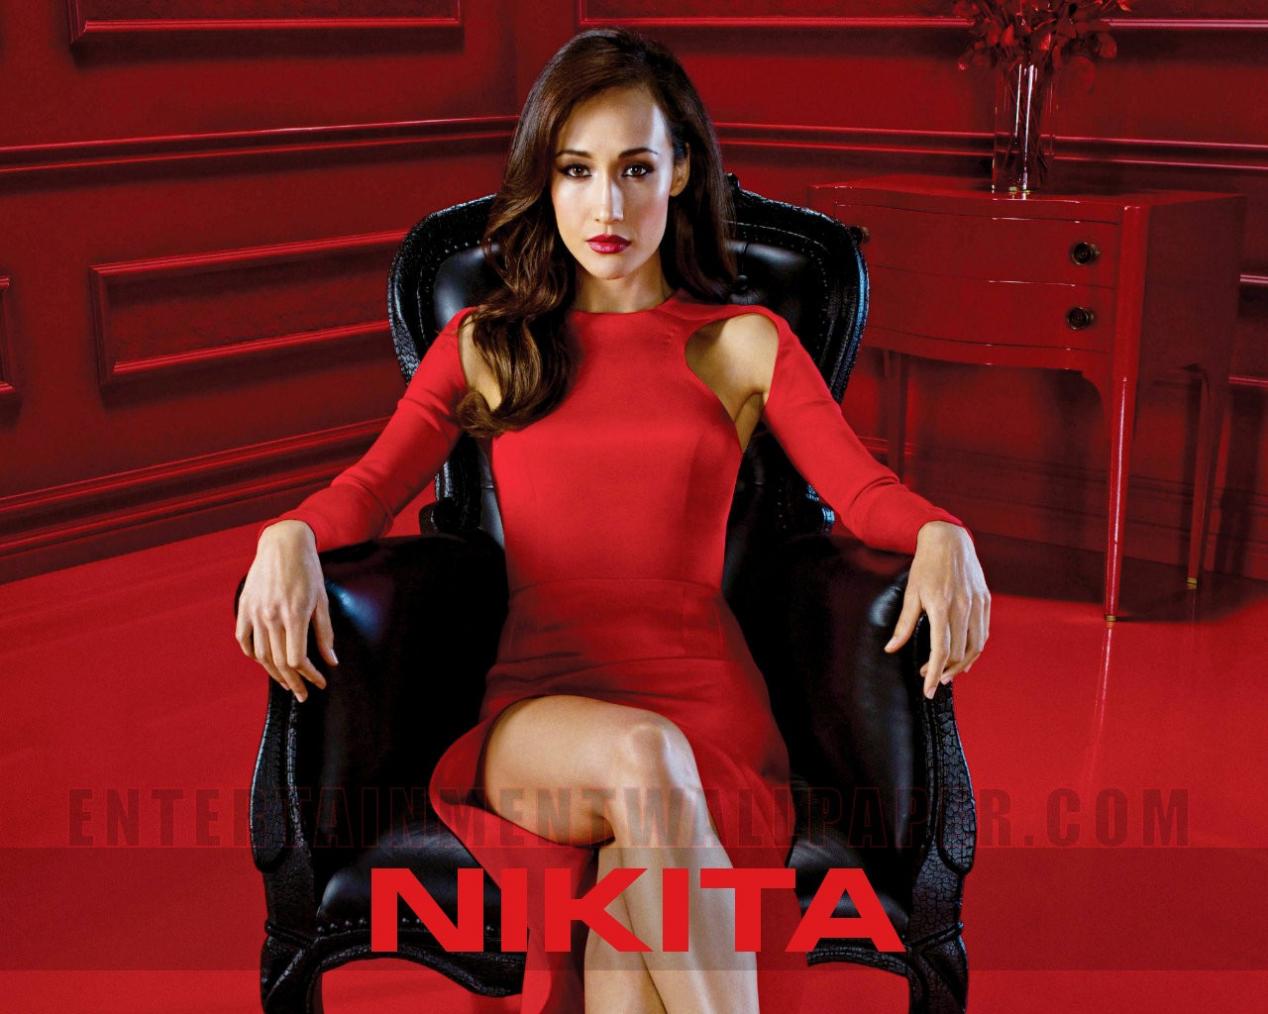 watch nikita season 3 2012 free on 123moviesnet